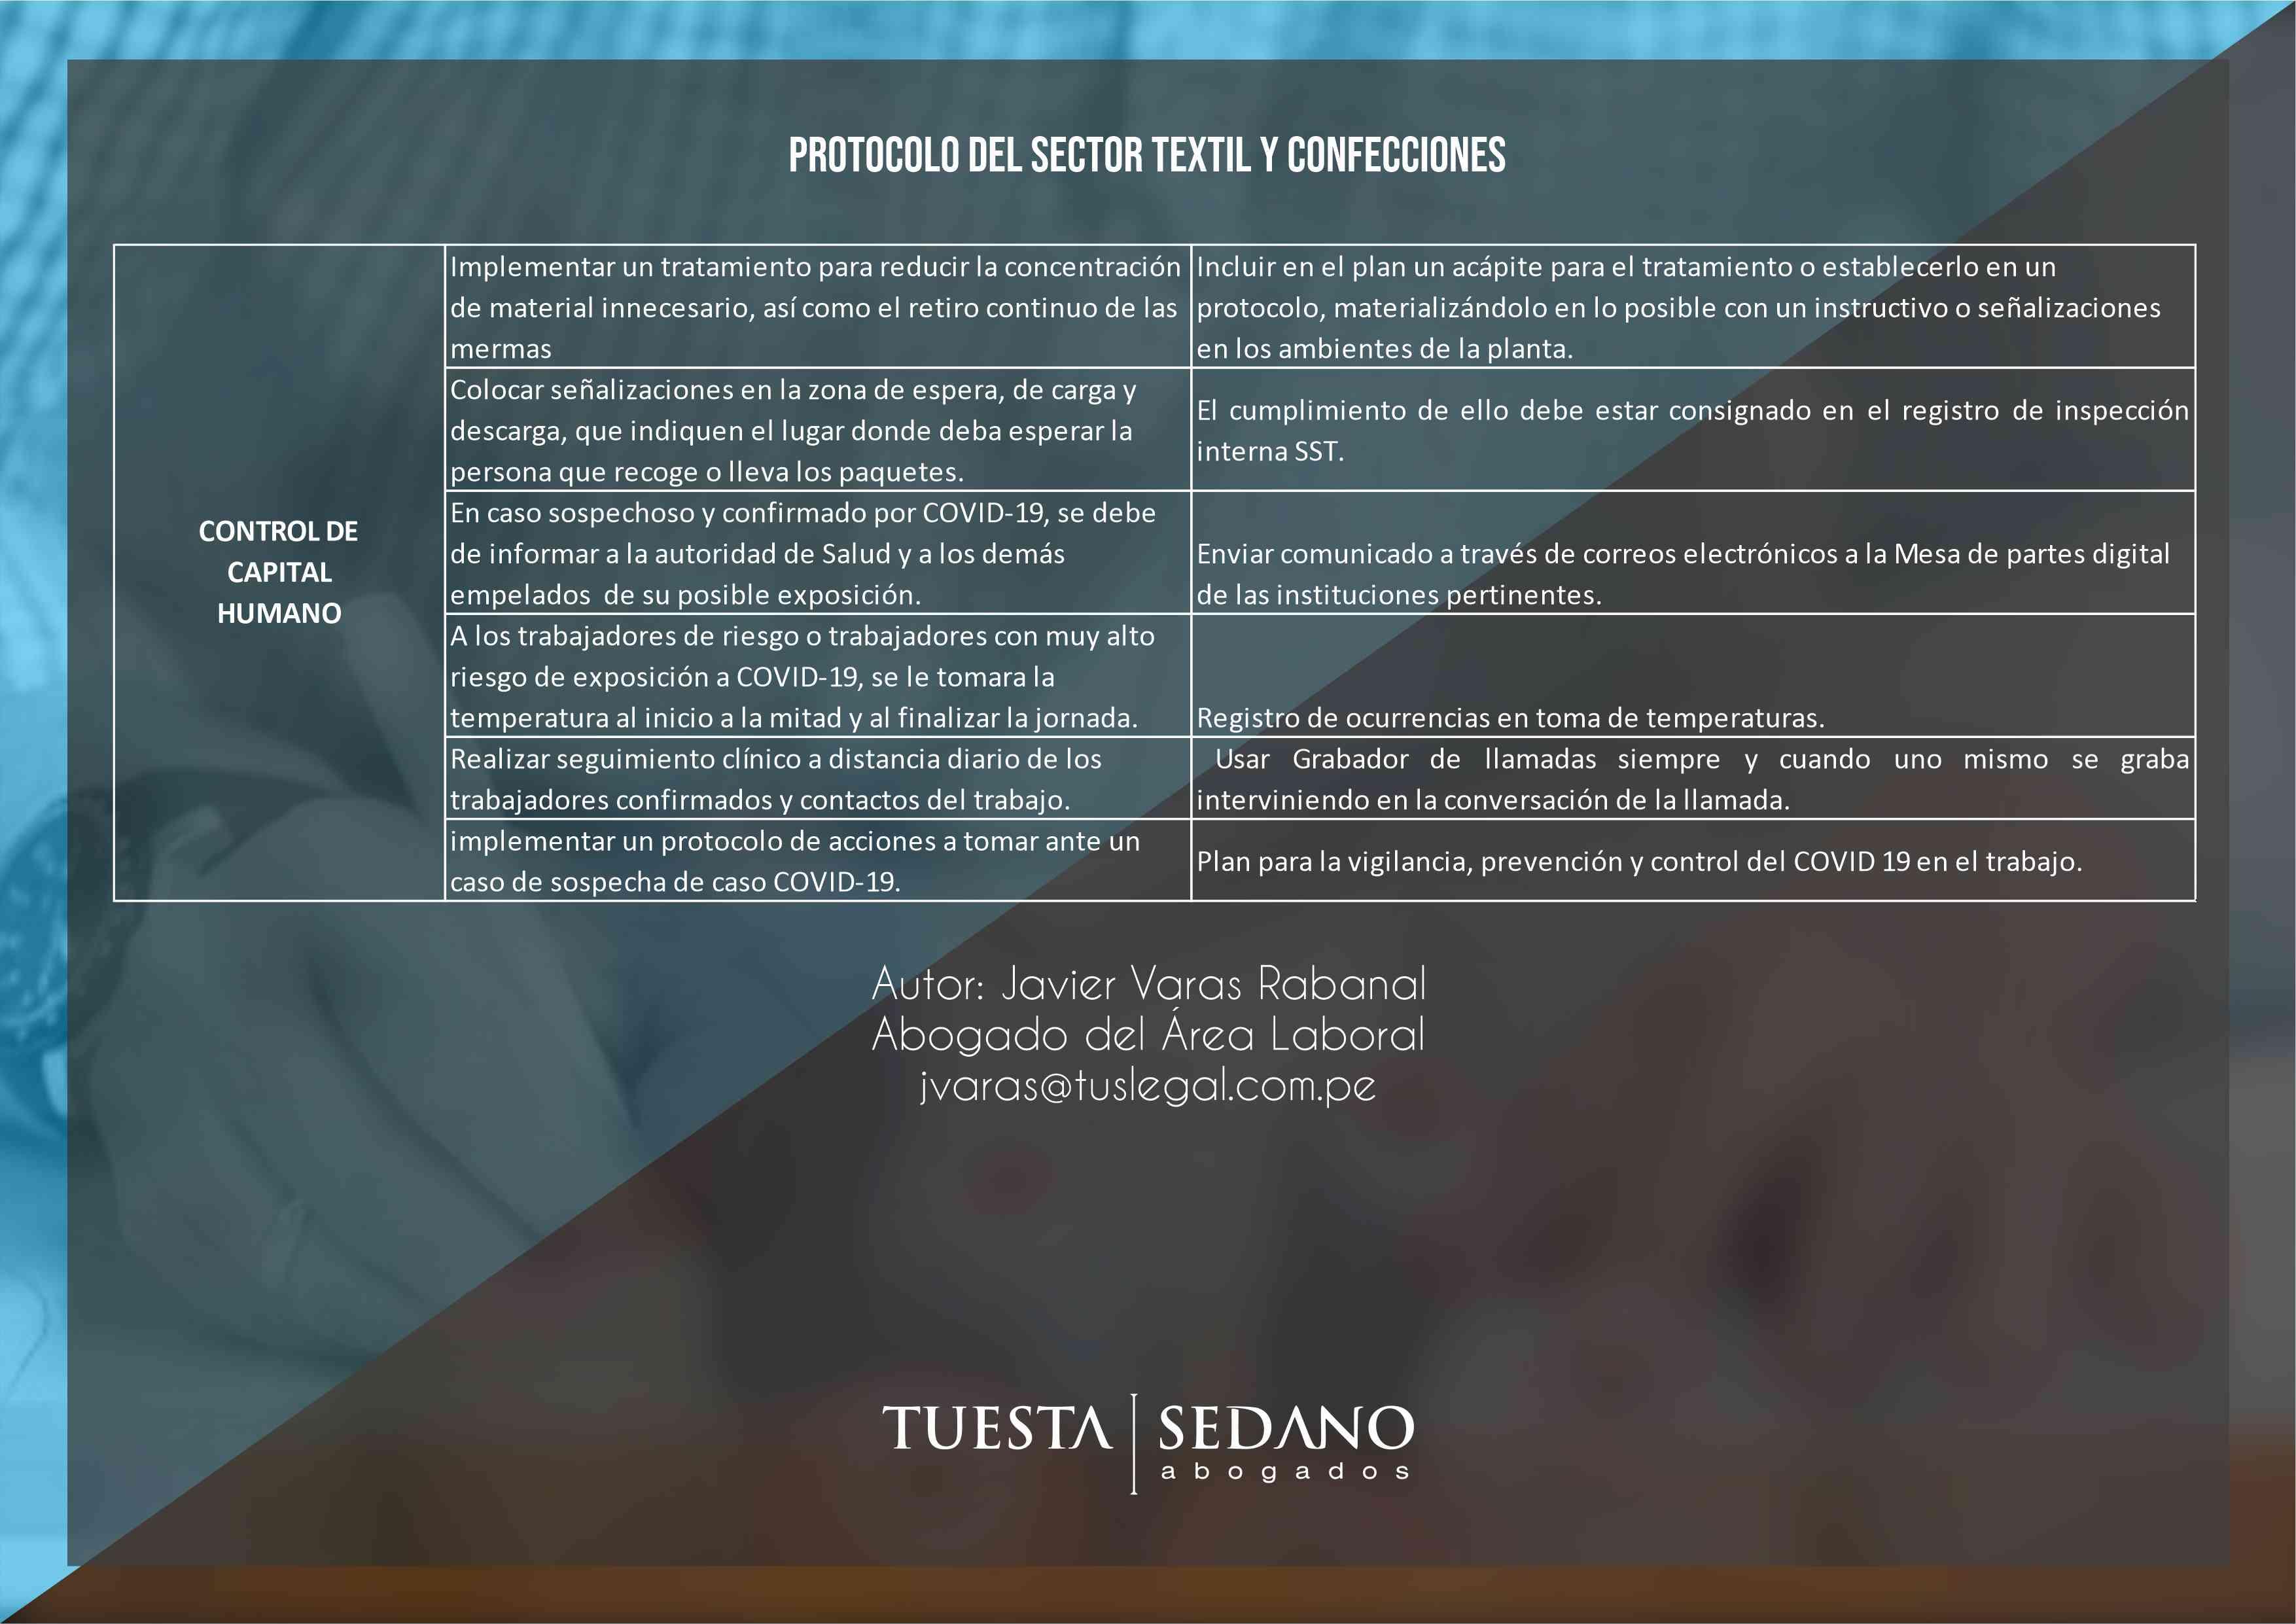 6-PROTOCOLO DEL SECTOR TEXTIL Y CONFECCIONES